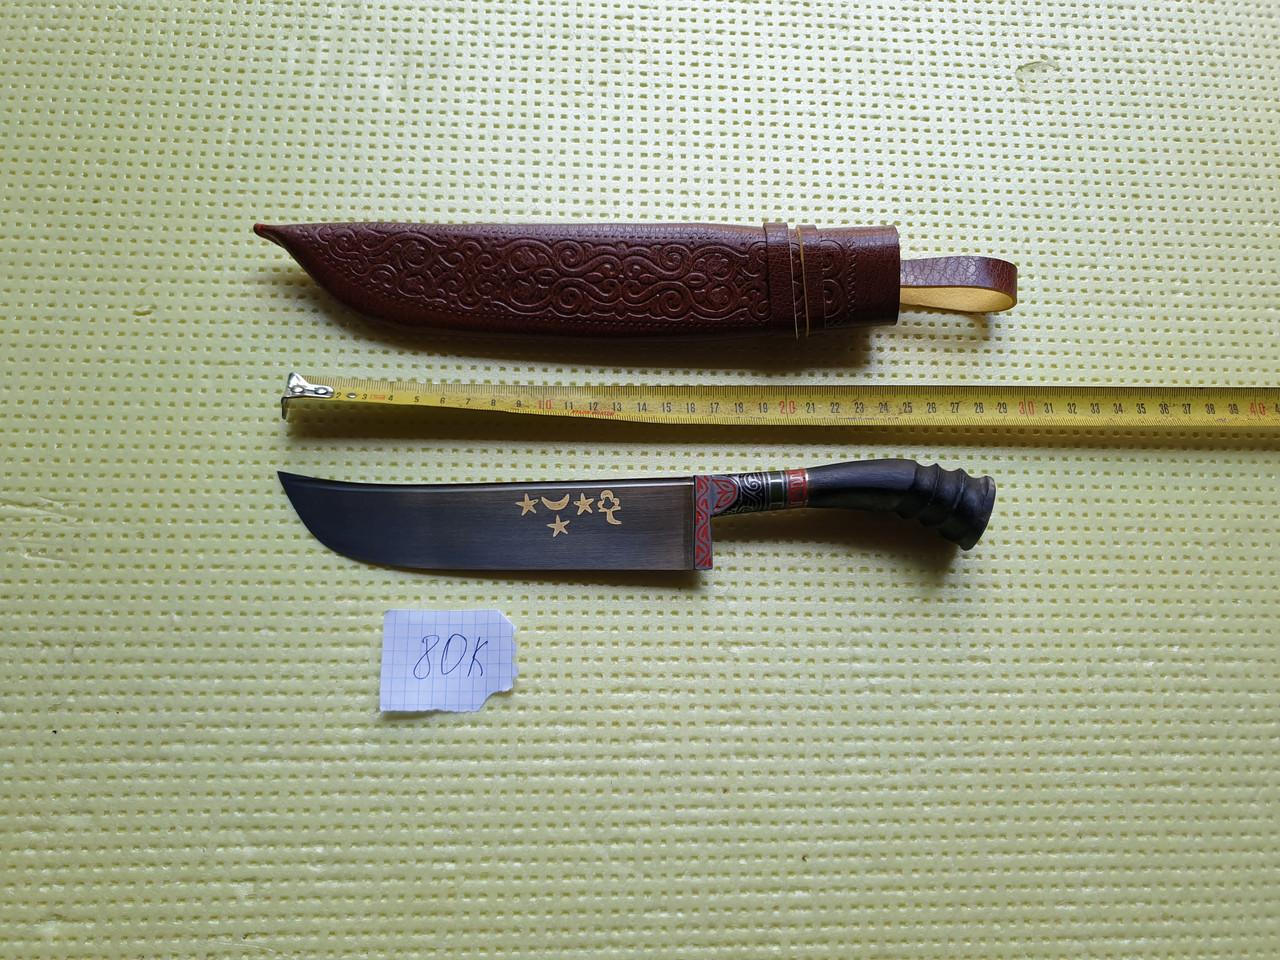 Узбекский нож. Подарок мужчине. Пчак большой-шеф. Косуля, широкая рукоять, гарда олово гравировка. ШХ-15